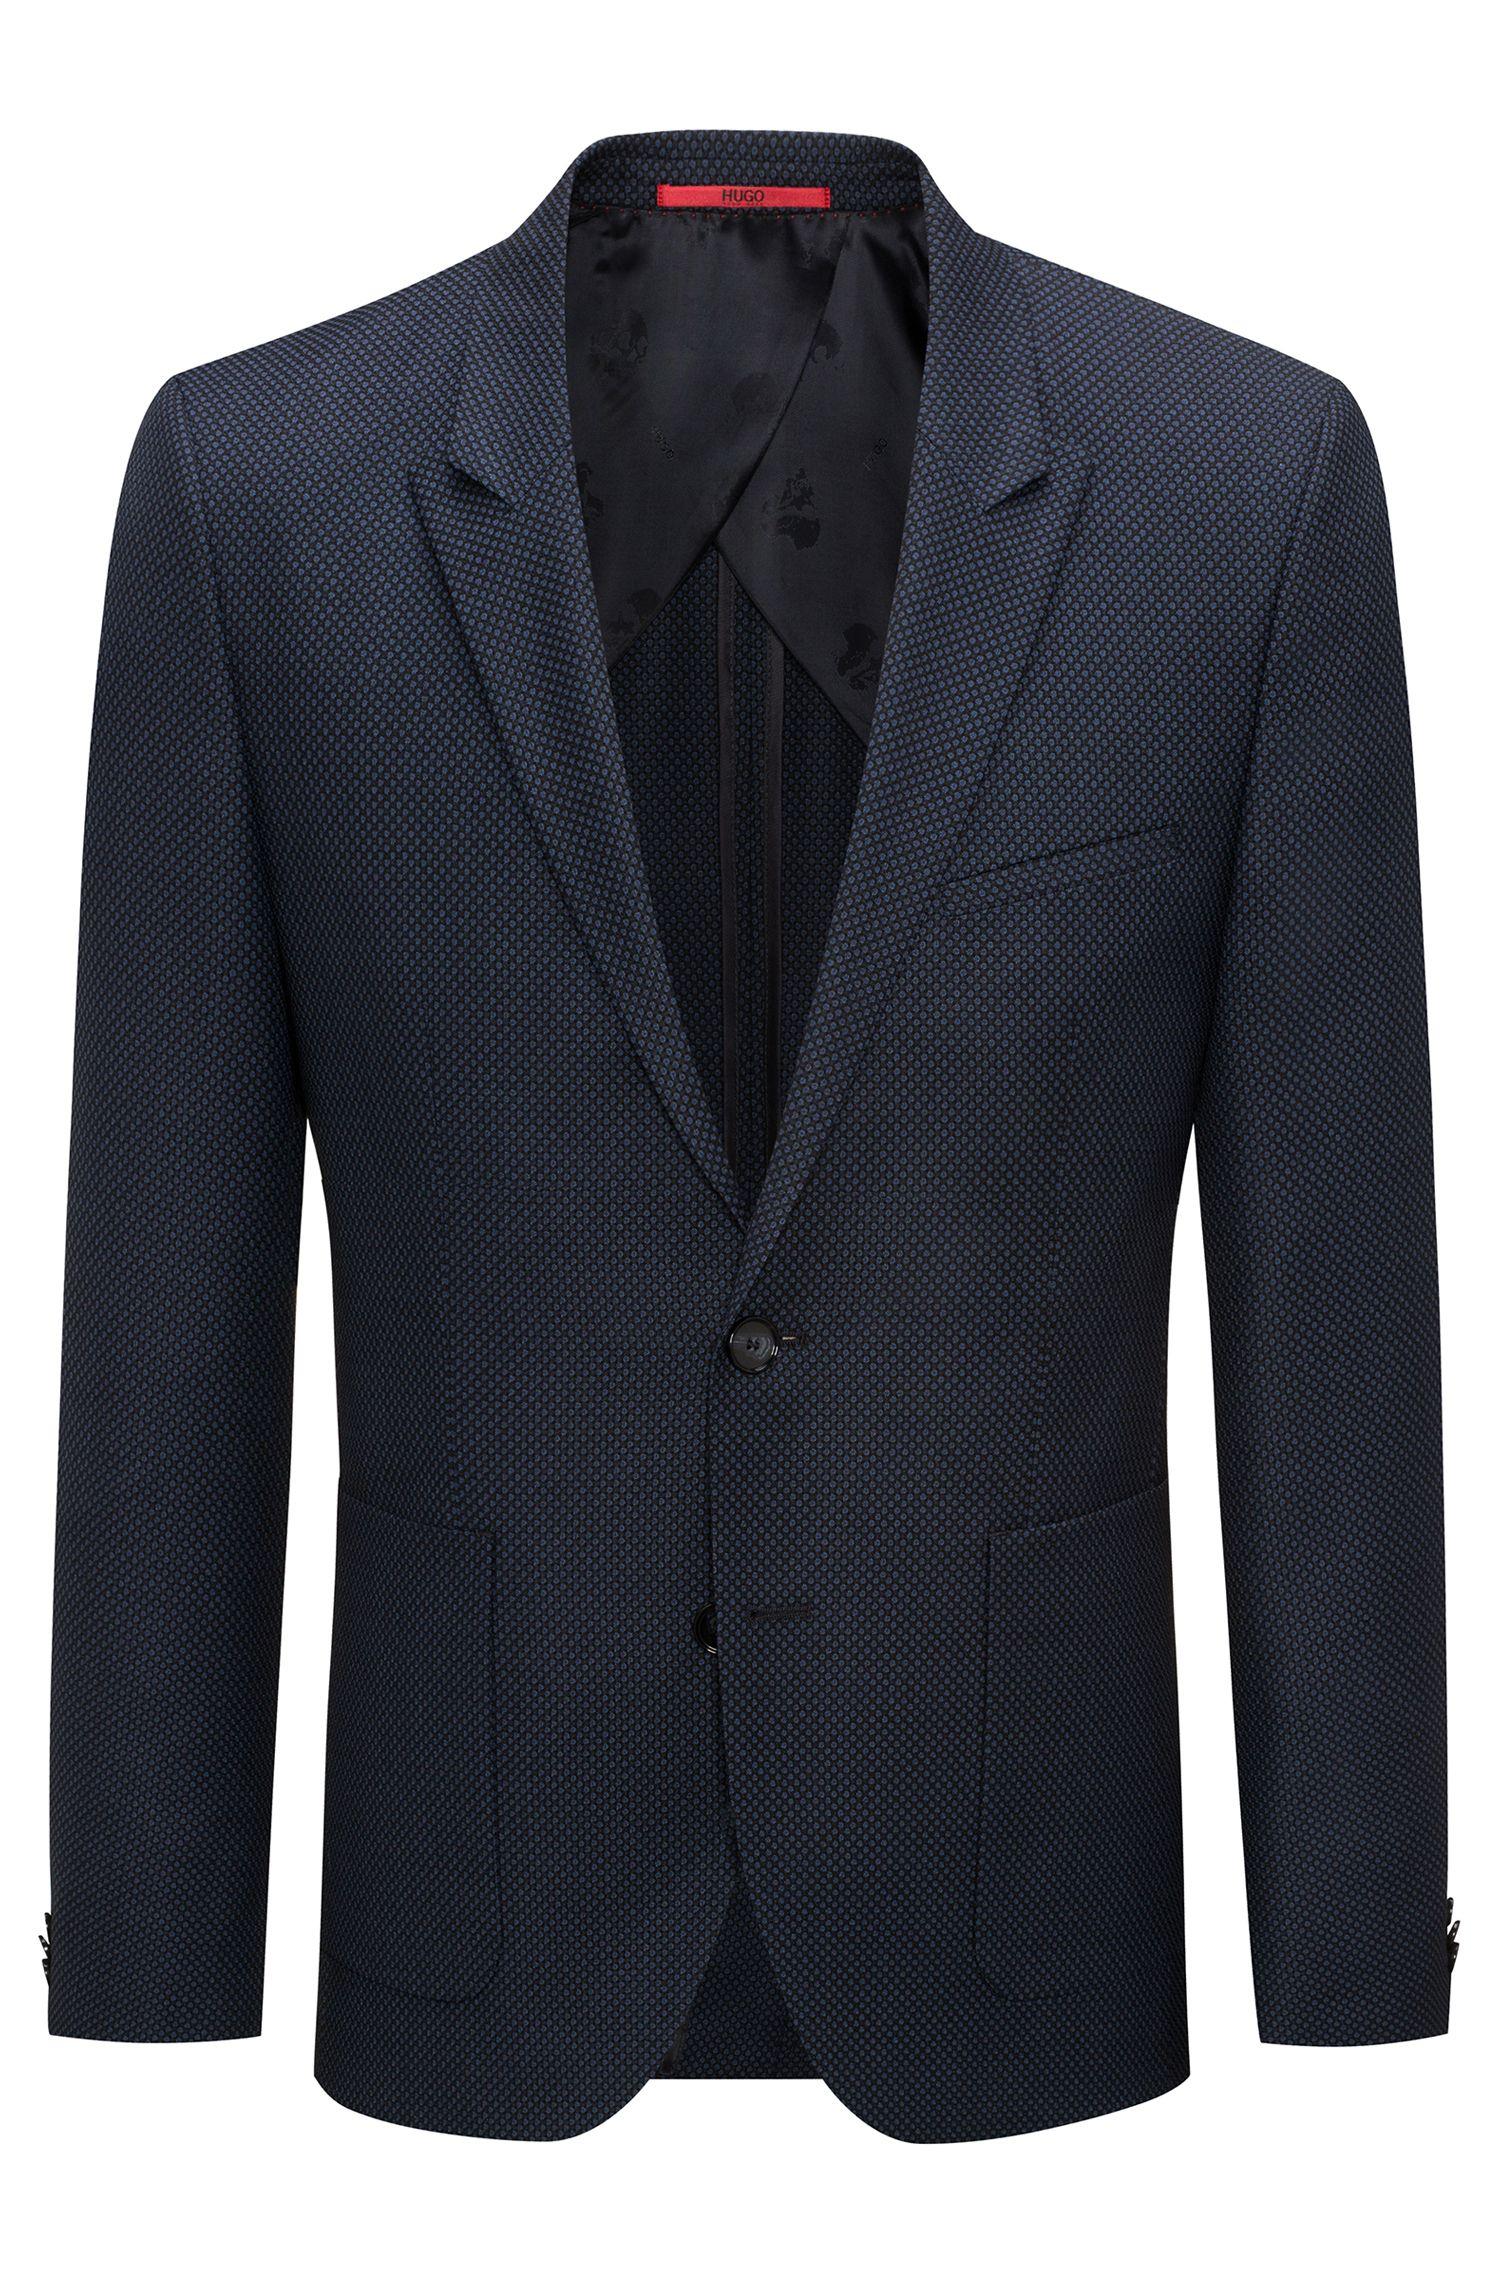 Giacca extra slim fit in lana vergine con motivo a occhio di pernice oversize